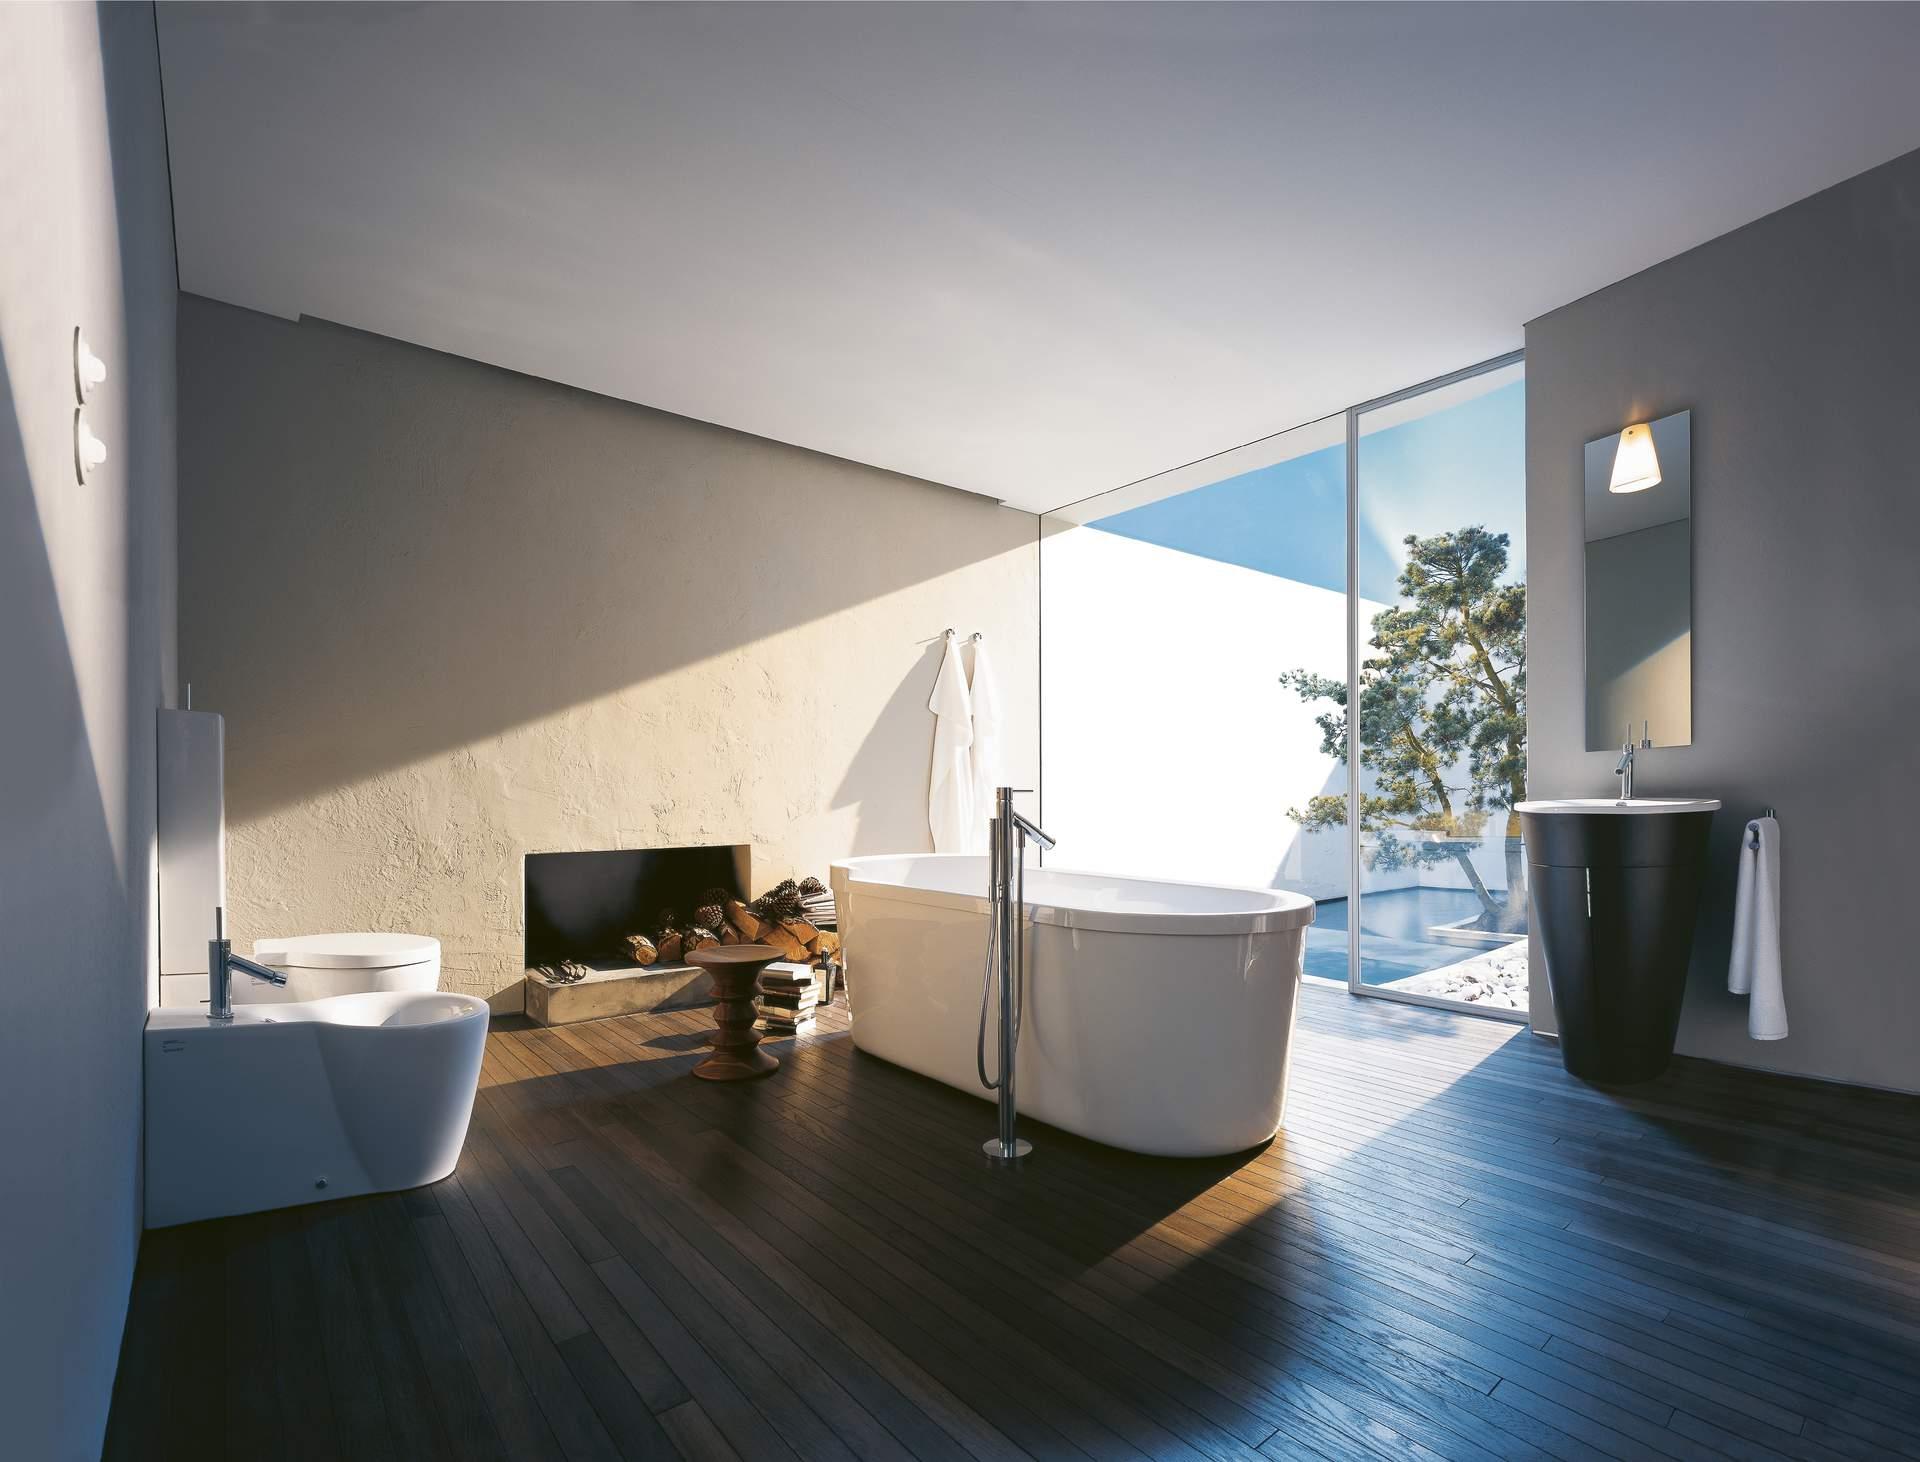 Bagni Da Sogno Piccoli : Gli esperti del bagno definiscono i bagni dei sogni duravit